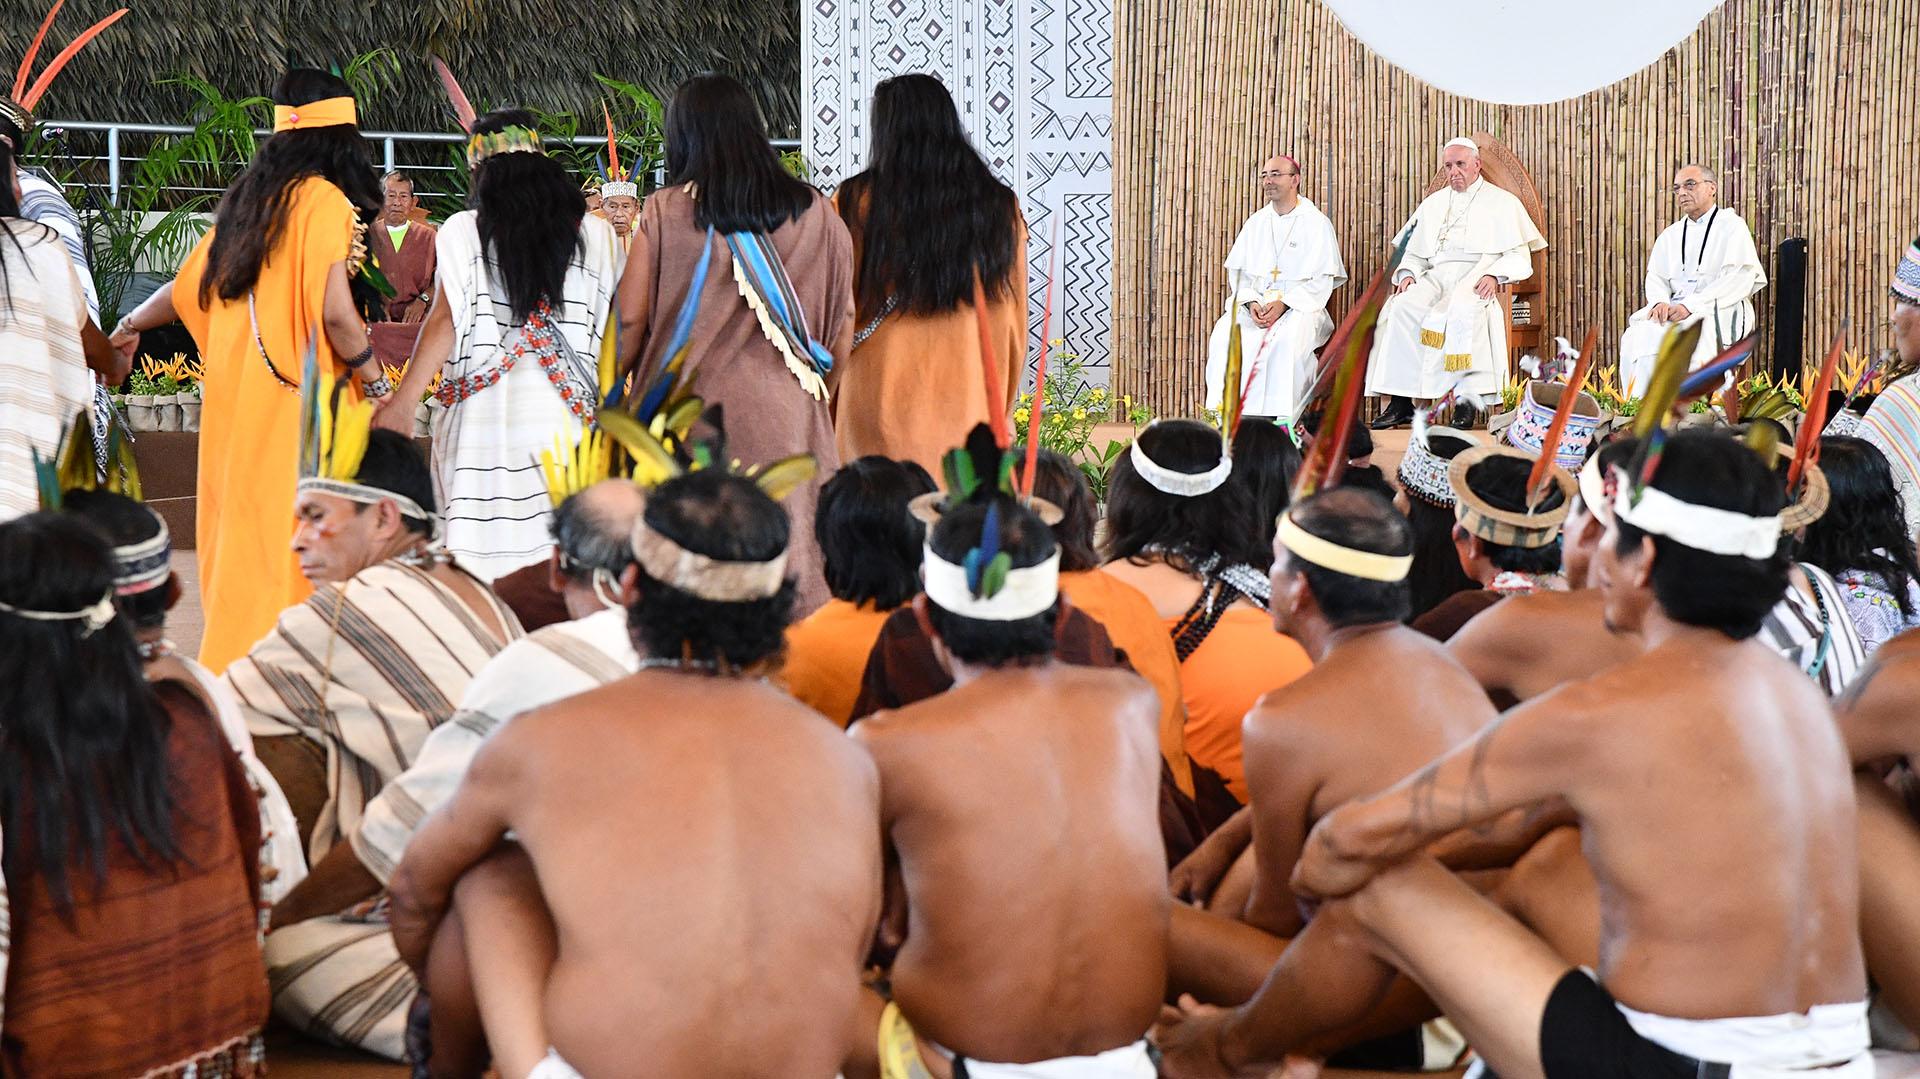 Los representantes de las comunidades indígenas saludaron a Francisco e hicieron muestras de danzas y cantos